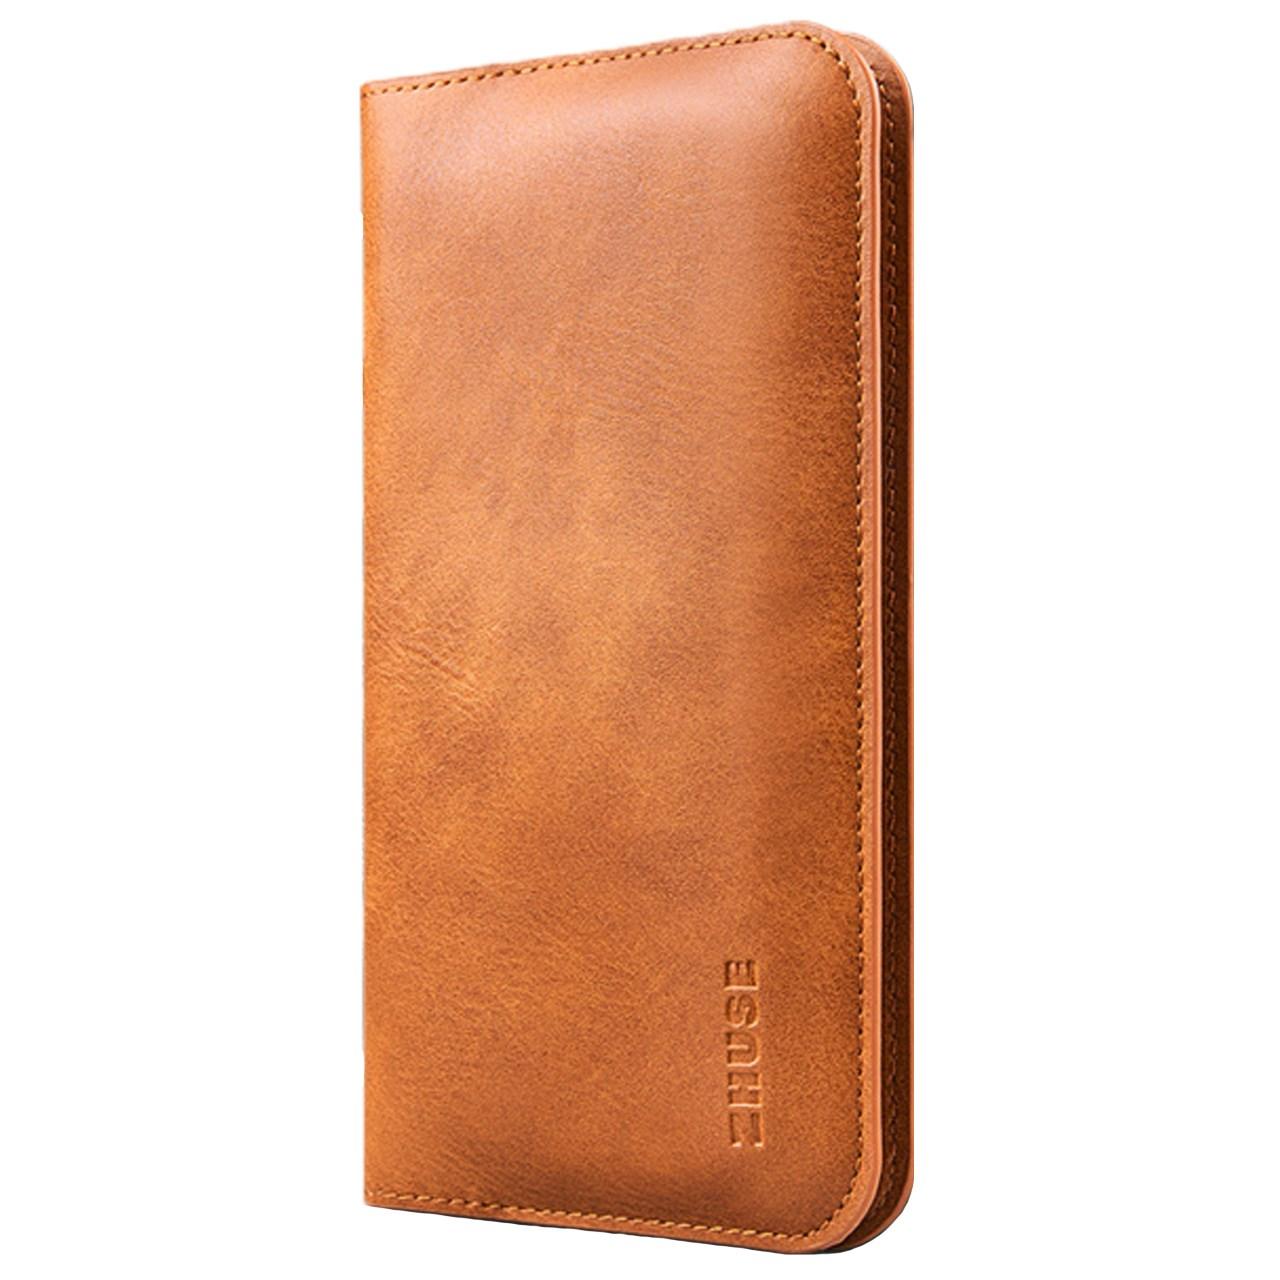 کیف کلاسوری ژئوس مدلZS-LB-001  مناسب برای گوشی موبایل های تا 5.8  اینچ